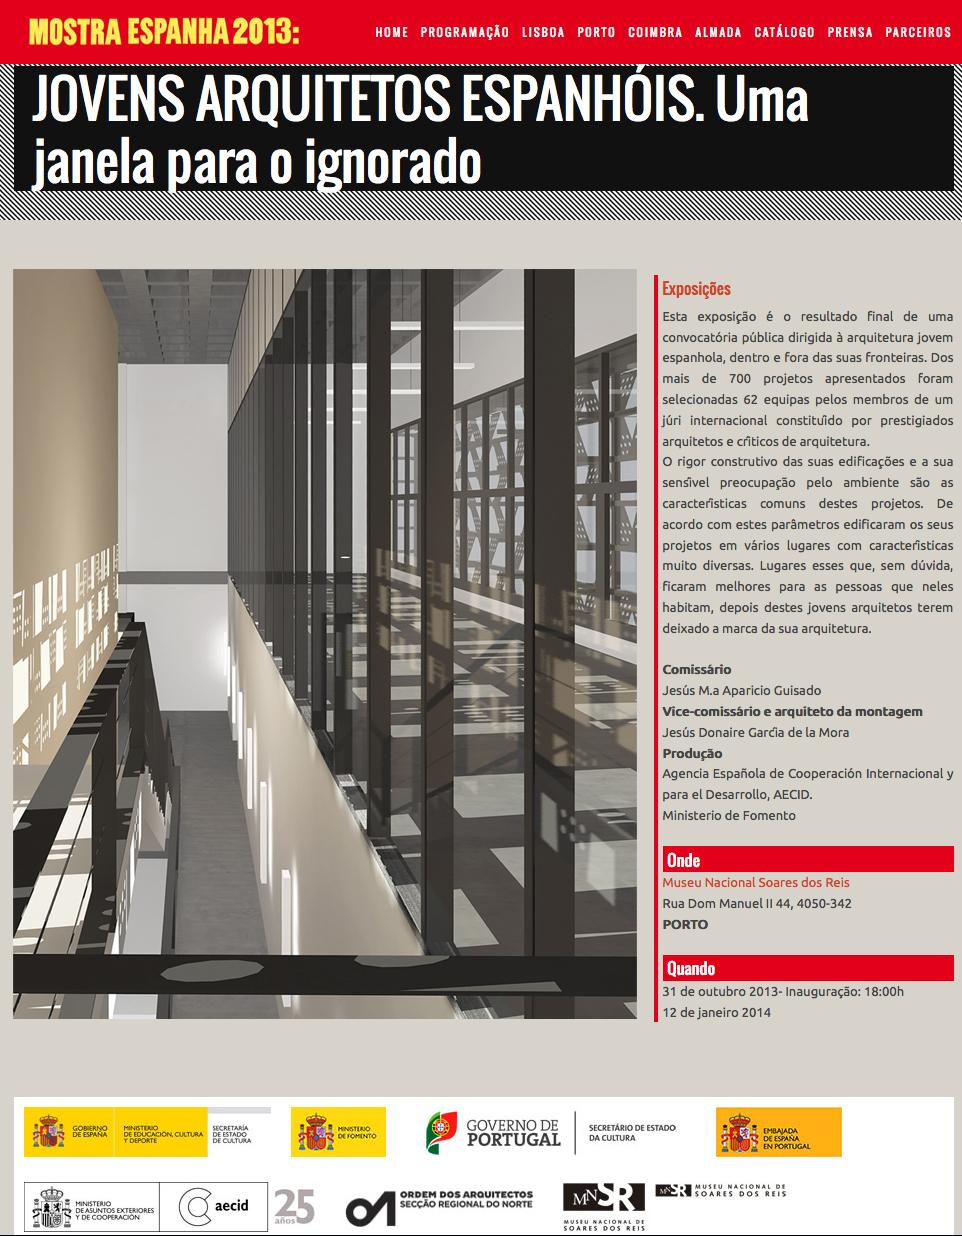 Oporto.jpg